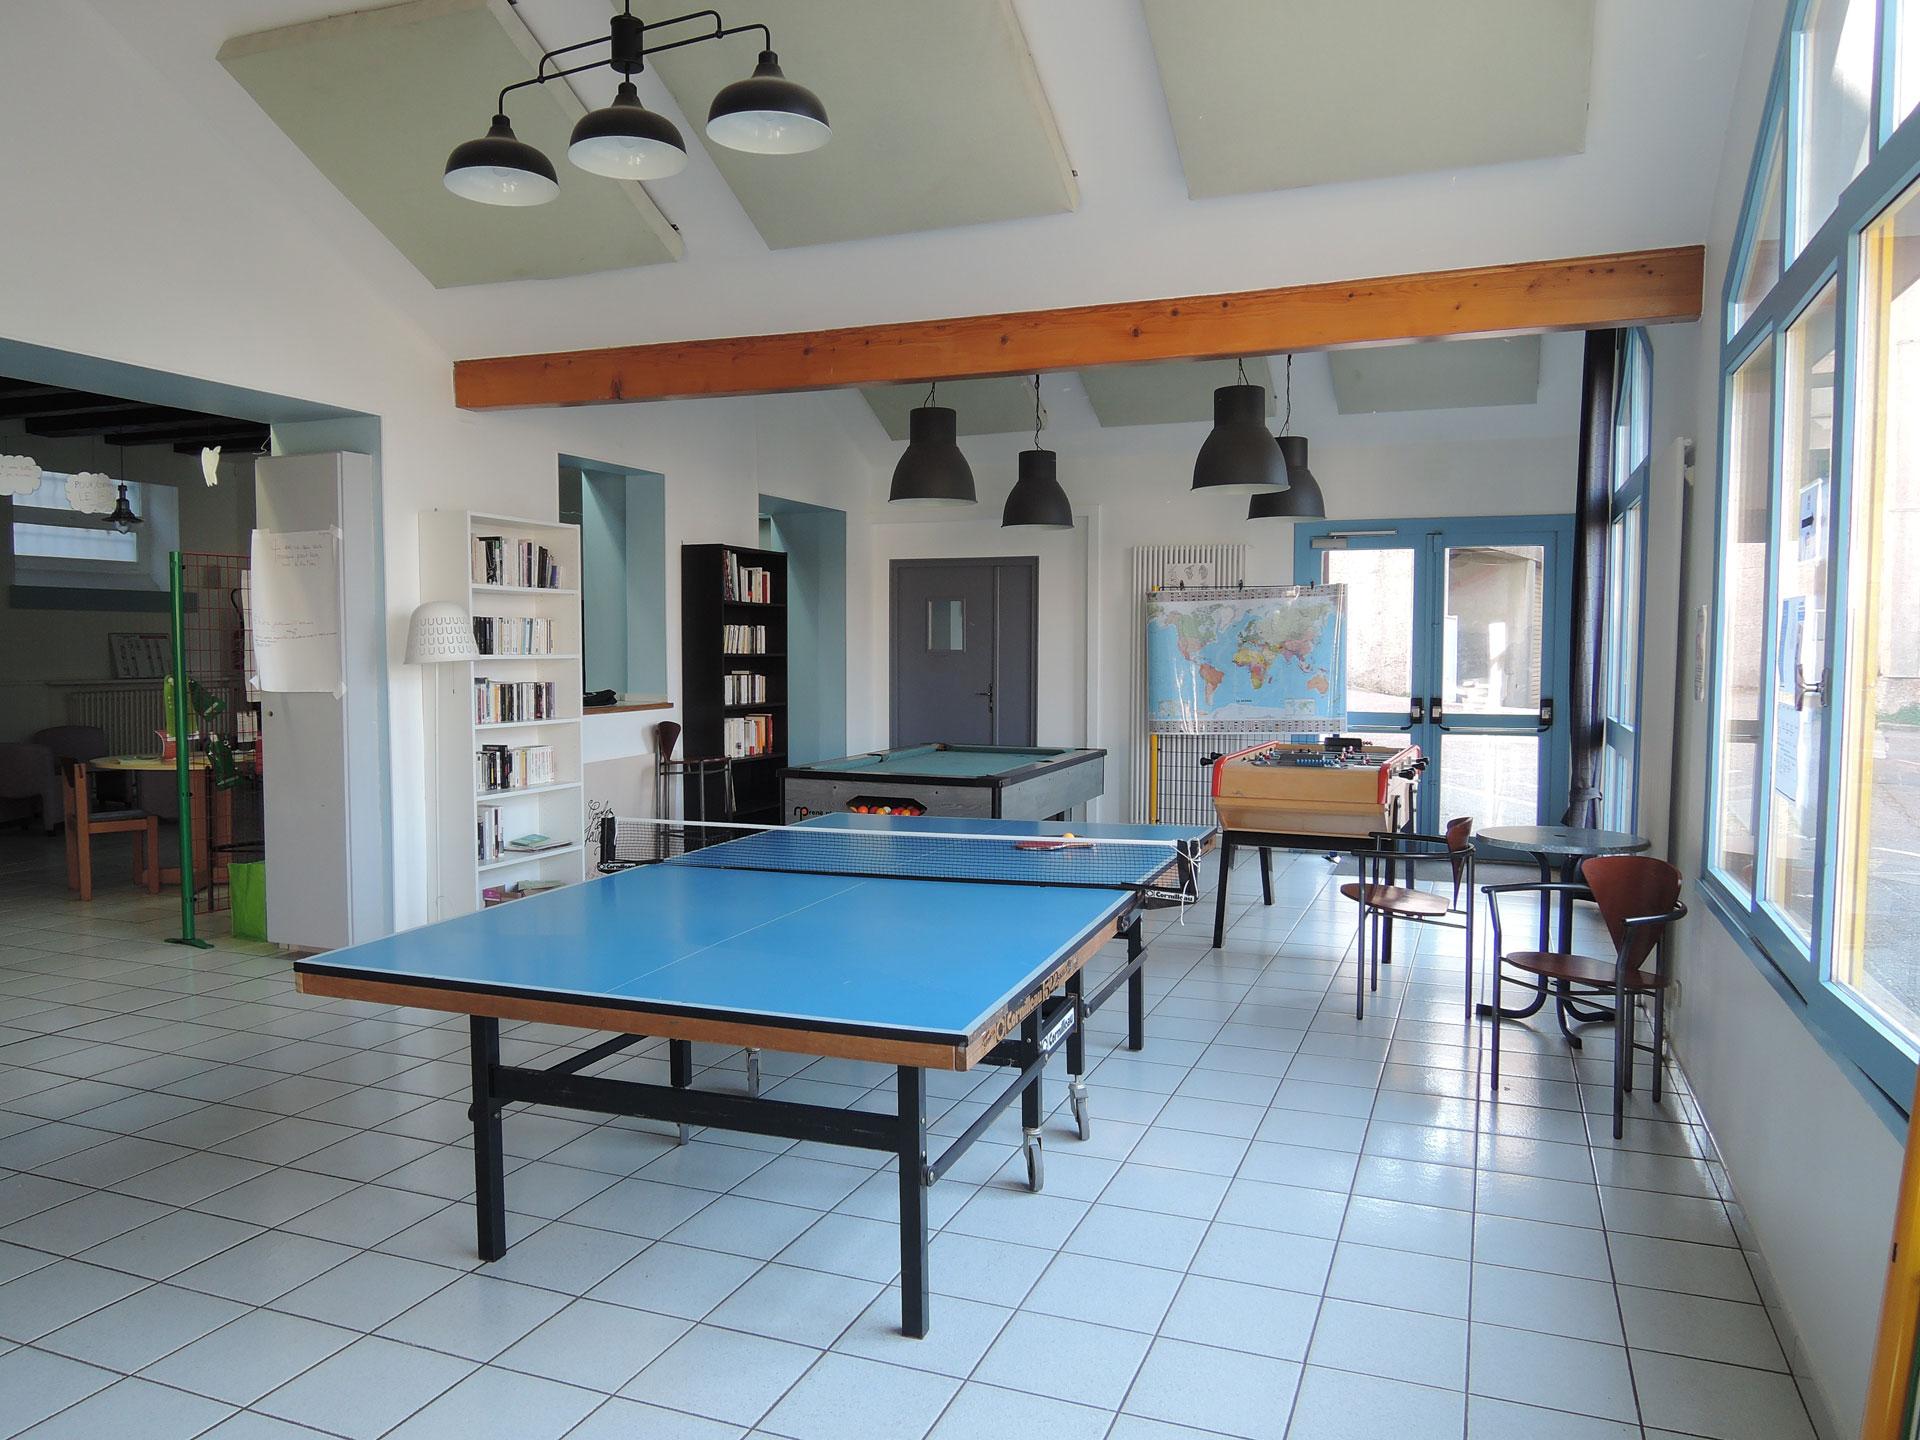 Table de ping pong, baby foot et billard